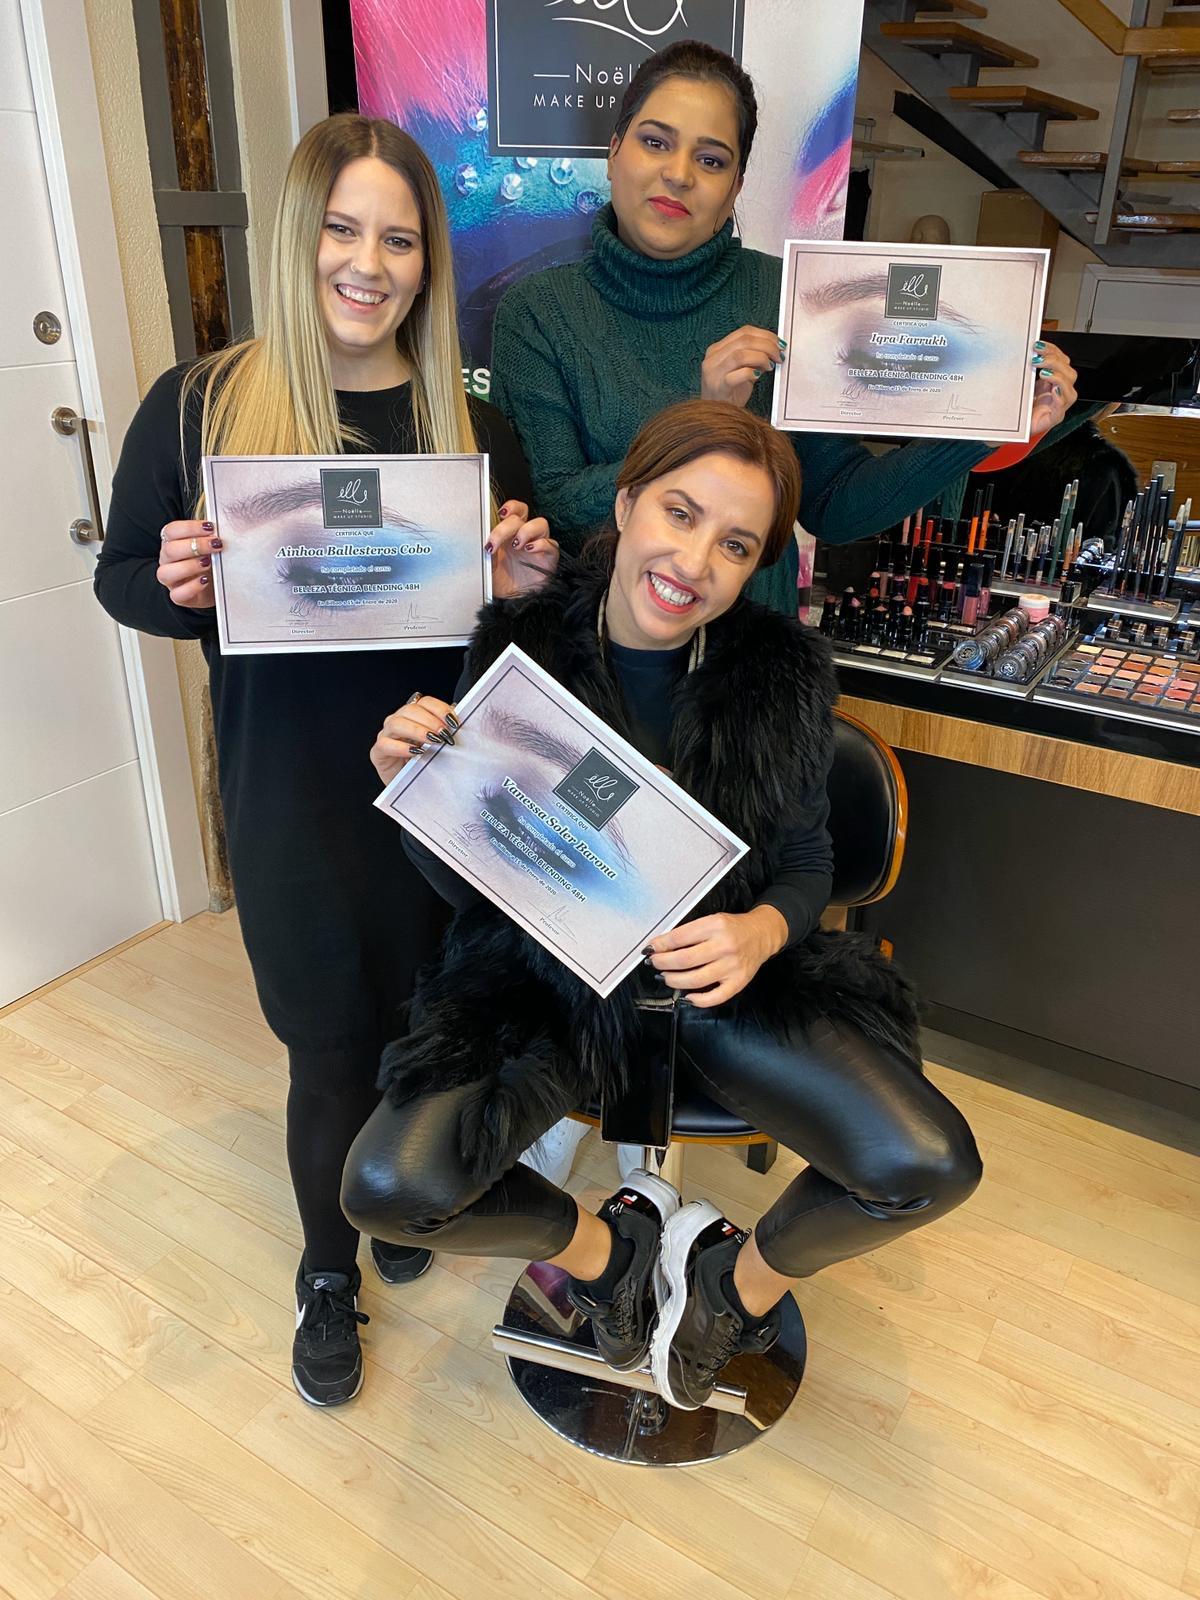 escuela academia cursos maquillaje profesional formacion bilbao vizcaya bizkaia mejor cursos